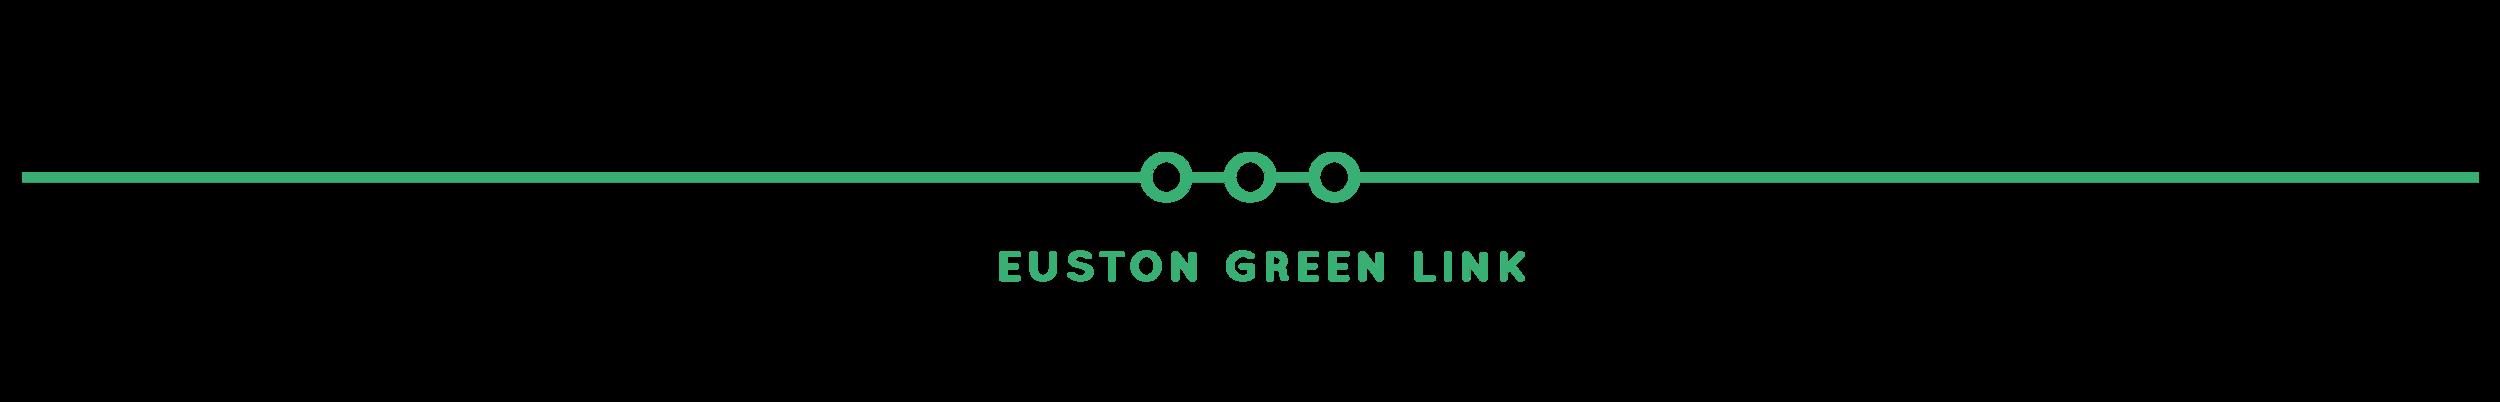 EGL_Logo_green-01 (002).png